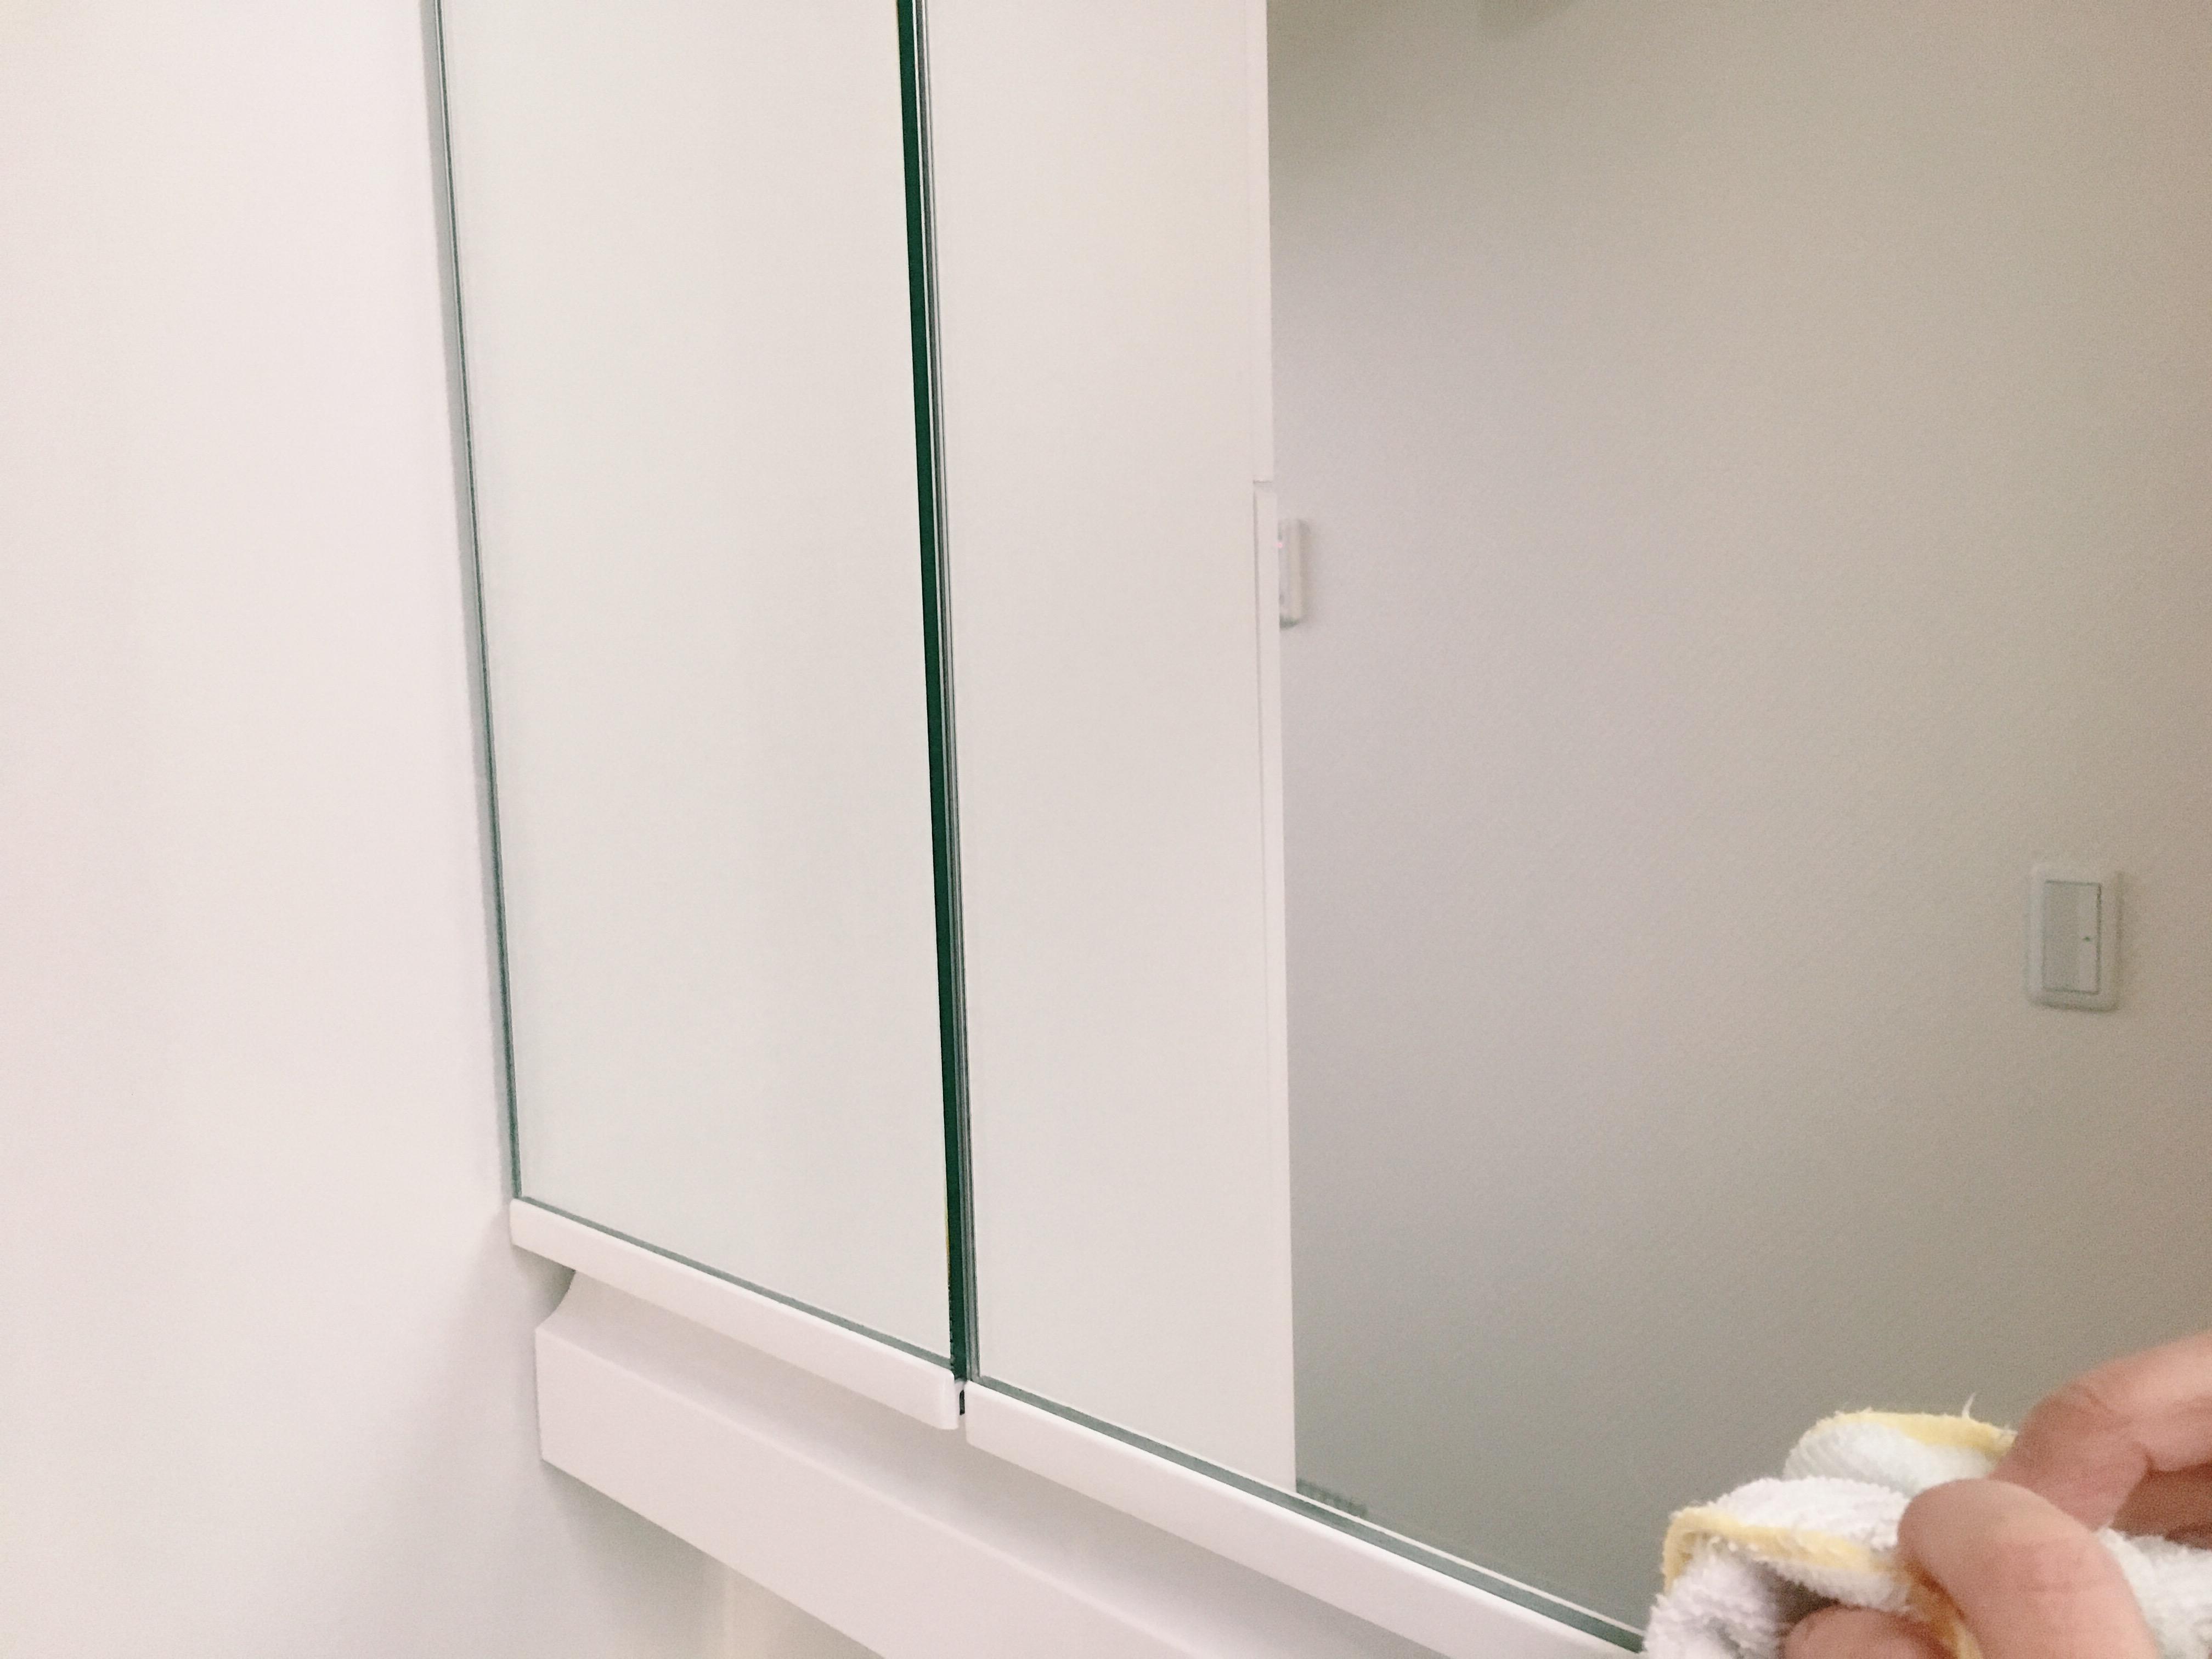 洗面台の鏡を拭いています